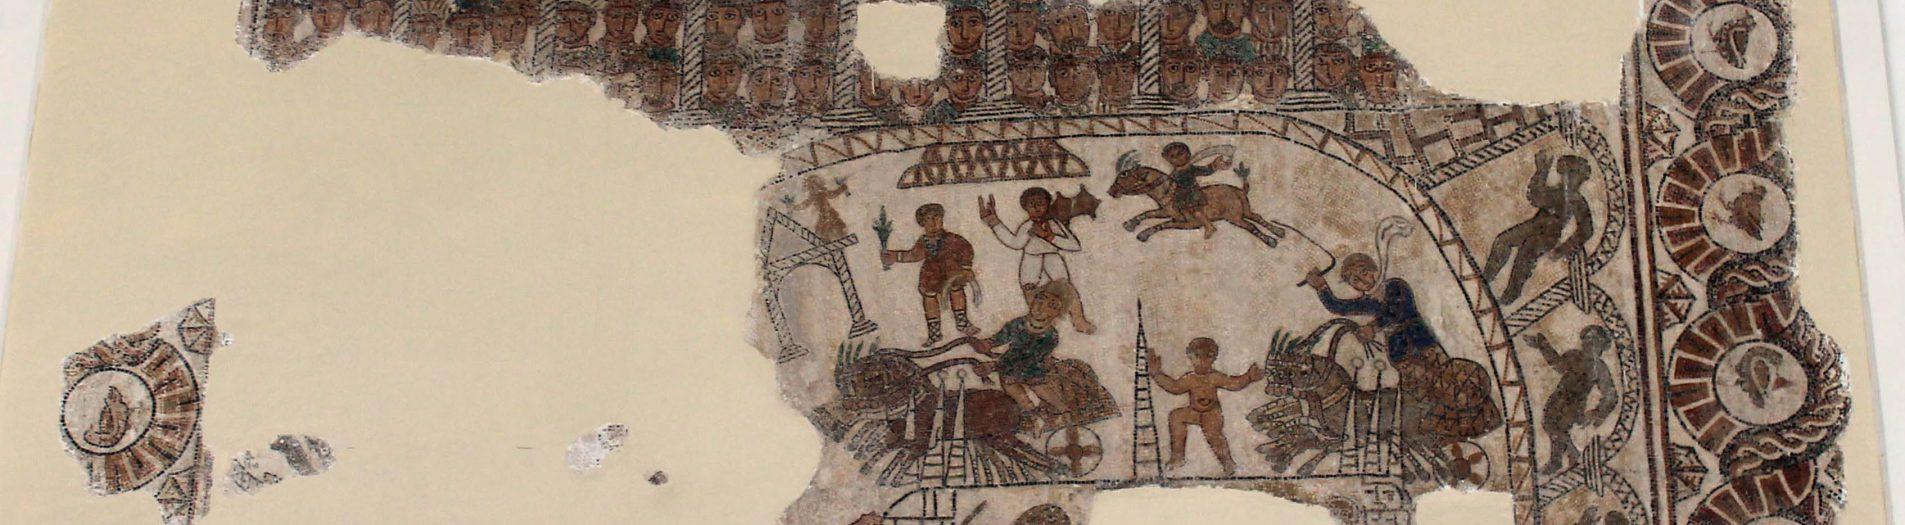 Les jeux du cirque dans la mosaïque romaine en Tunisie